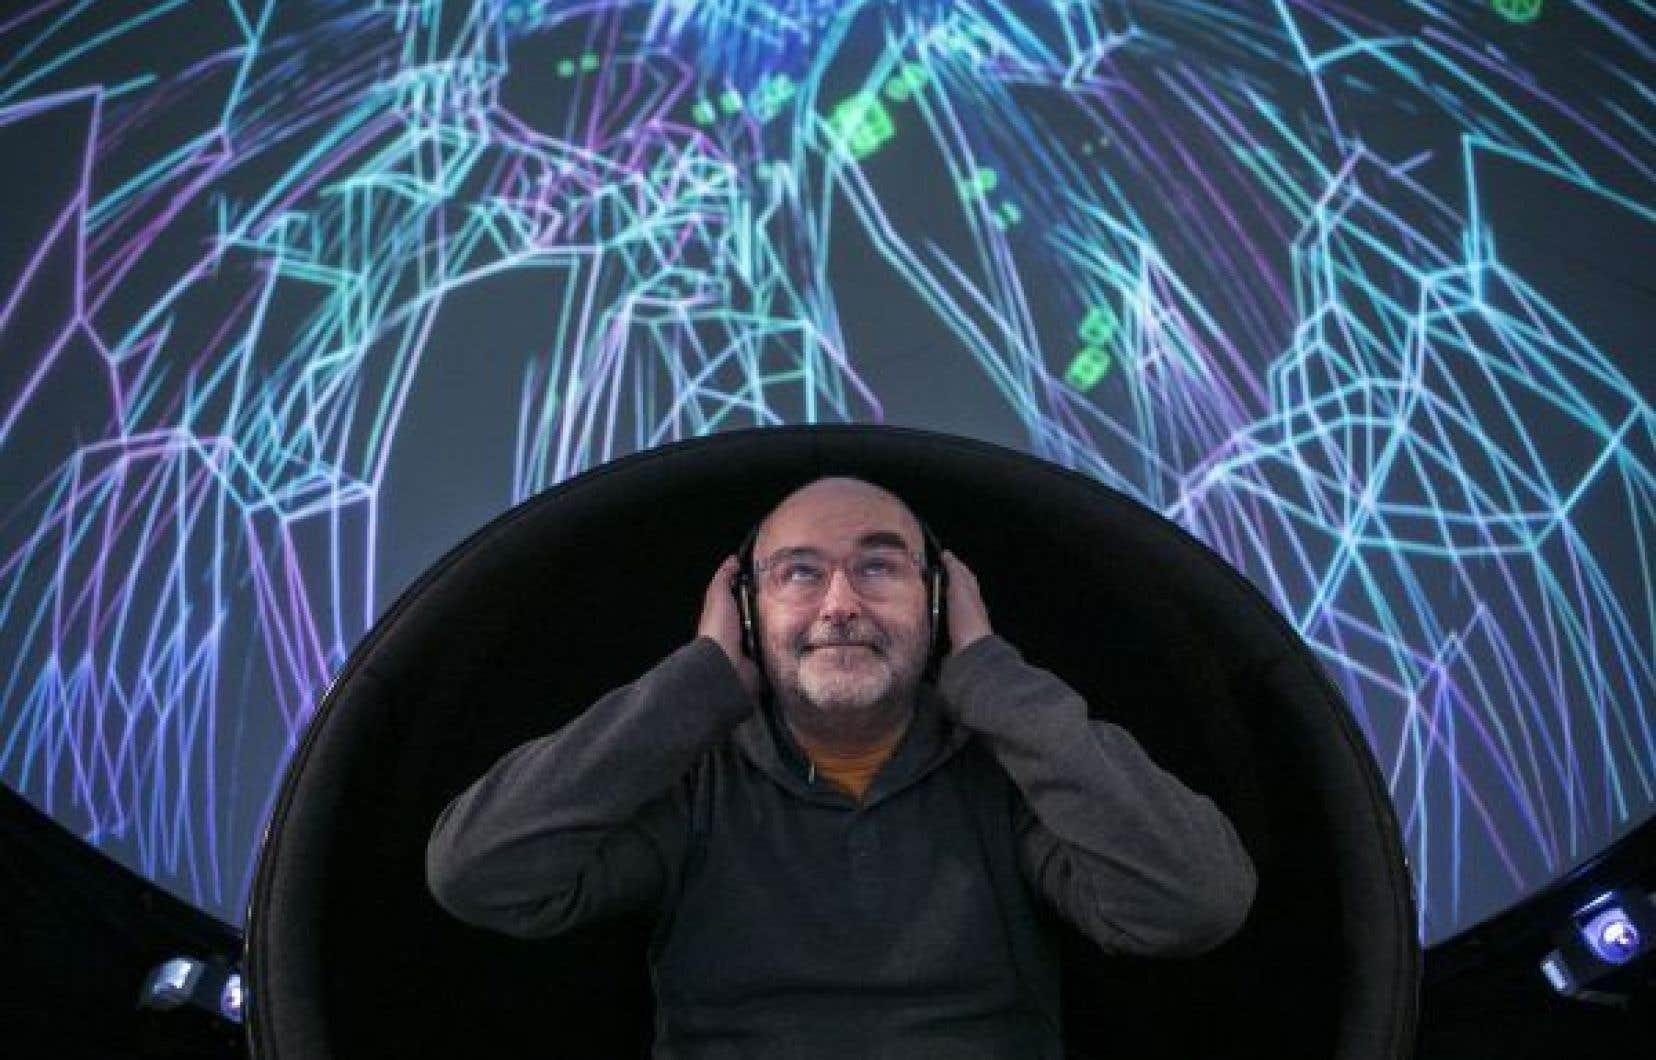 Alain Brunet sous l'un des dômes à la Société des arts technologiques de Montréal, avec des effets lumineux projetés à l'intérieur.